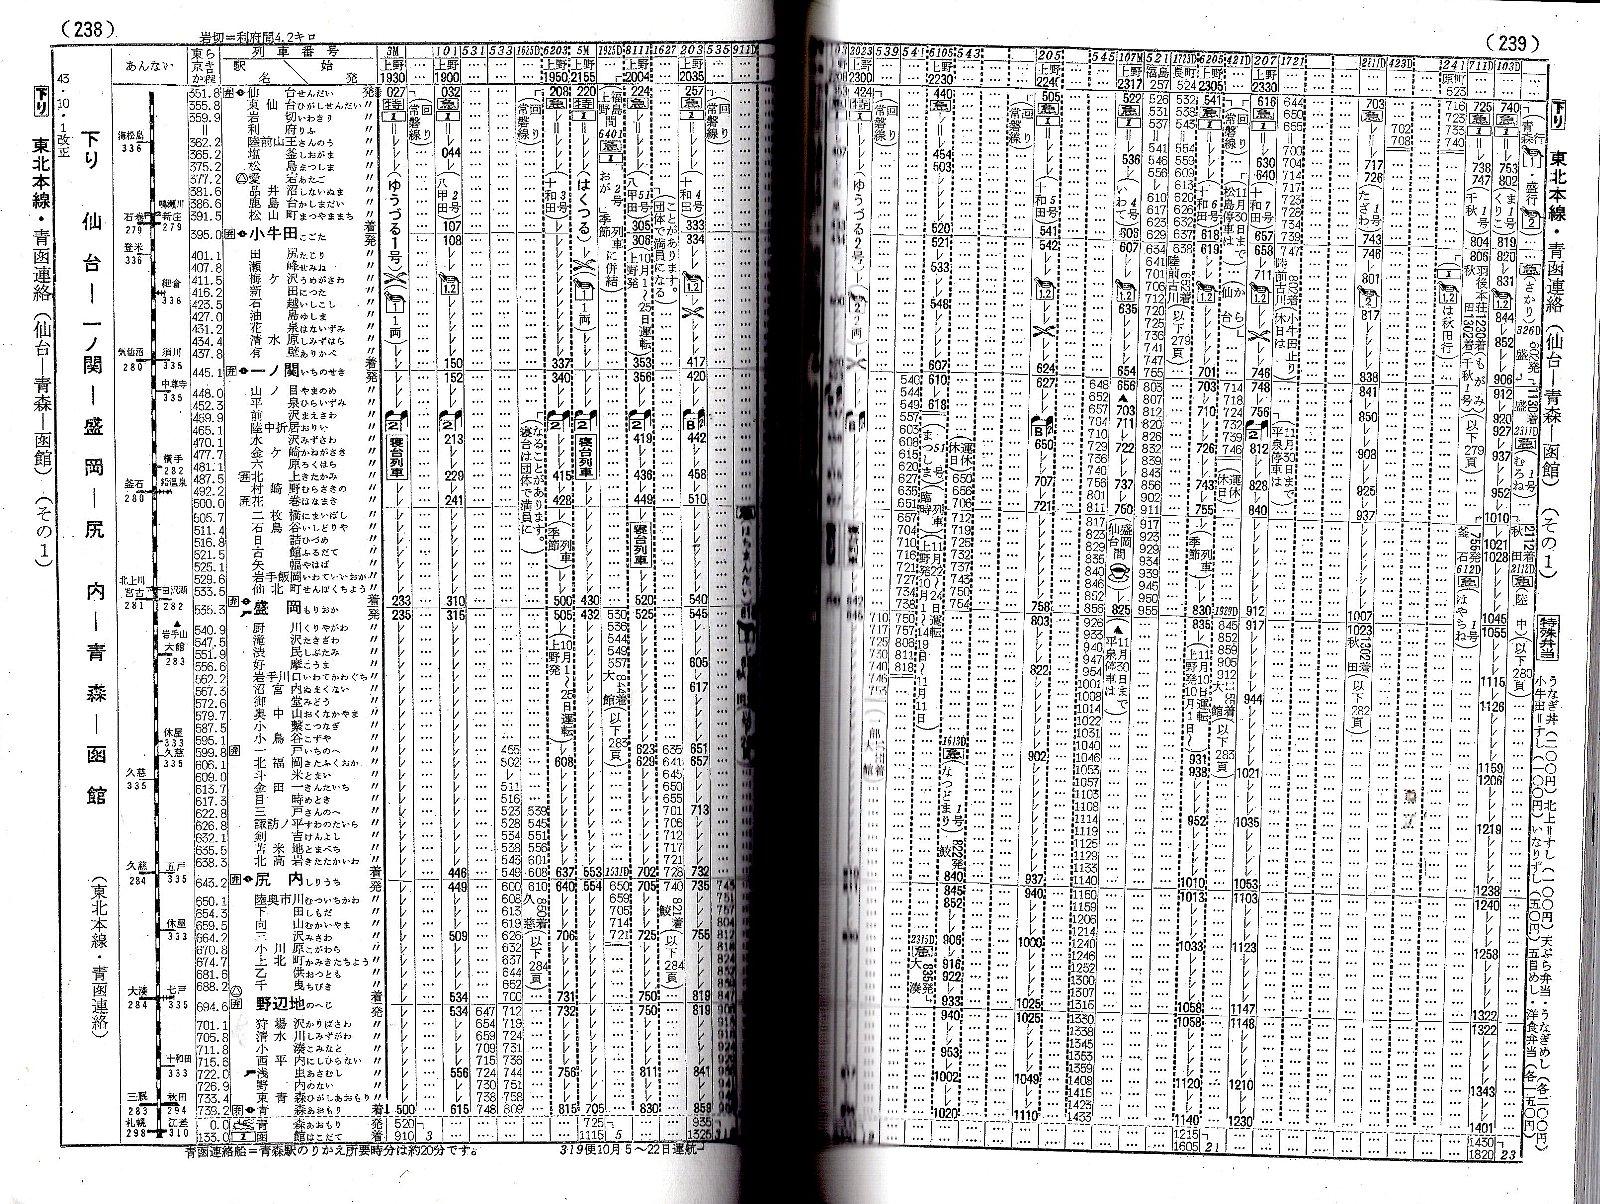 北海道連絡に関しては、東北本線の列車のうち。下りゆうづる2号並びに、上りゆうづる1号に接続する特急はないとされています。